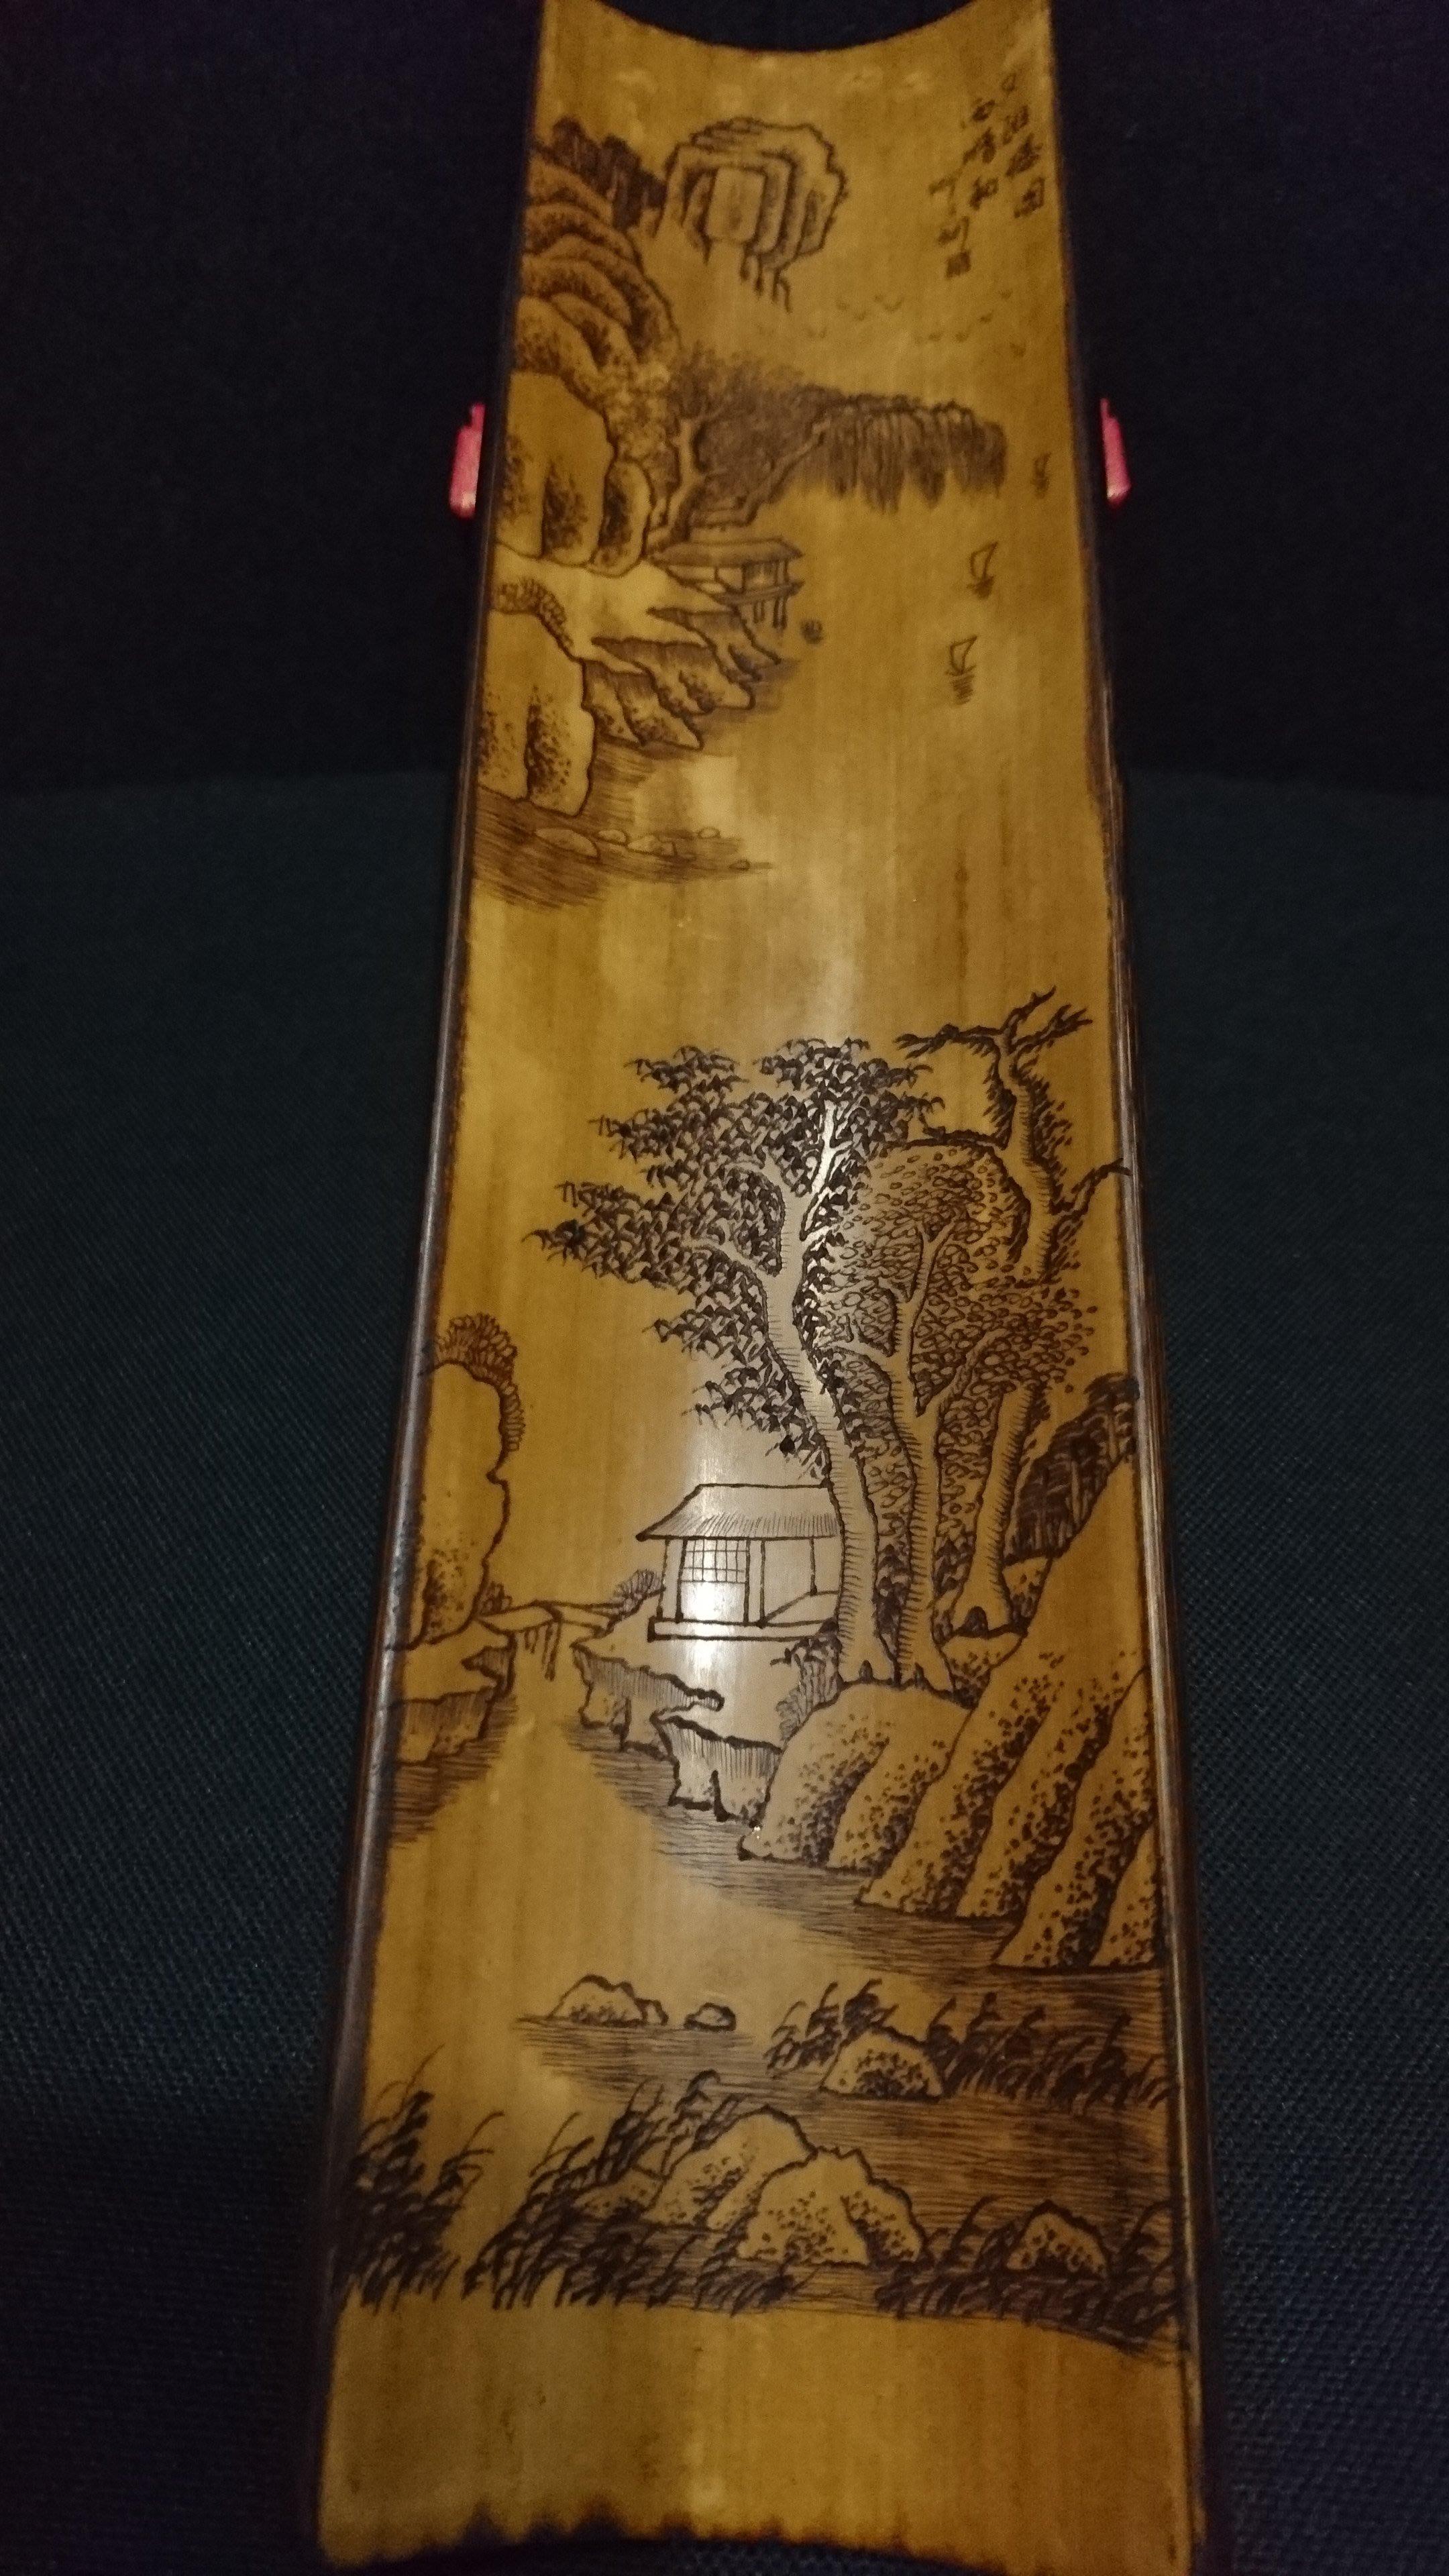 早期老件 一 全手工精雕 一 山水樓閣 仰之刻 竹臂擱 竹則 茶則